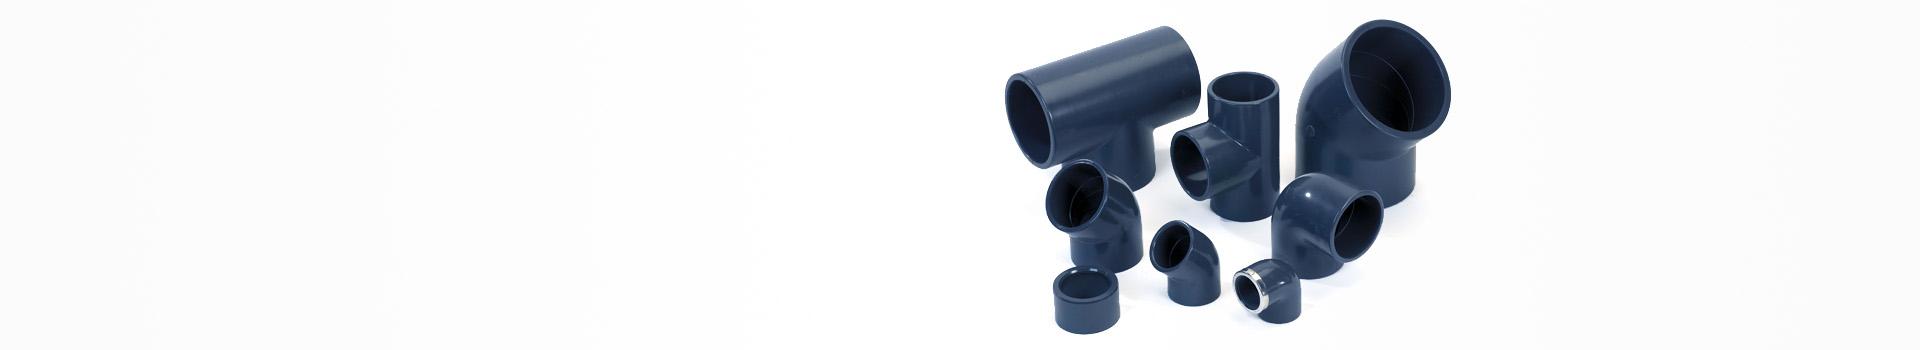 suministro tuberias PVC - Tuberías Soler